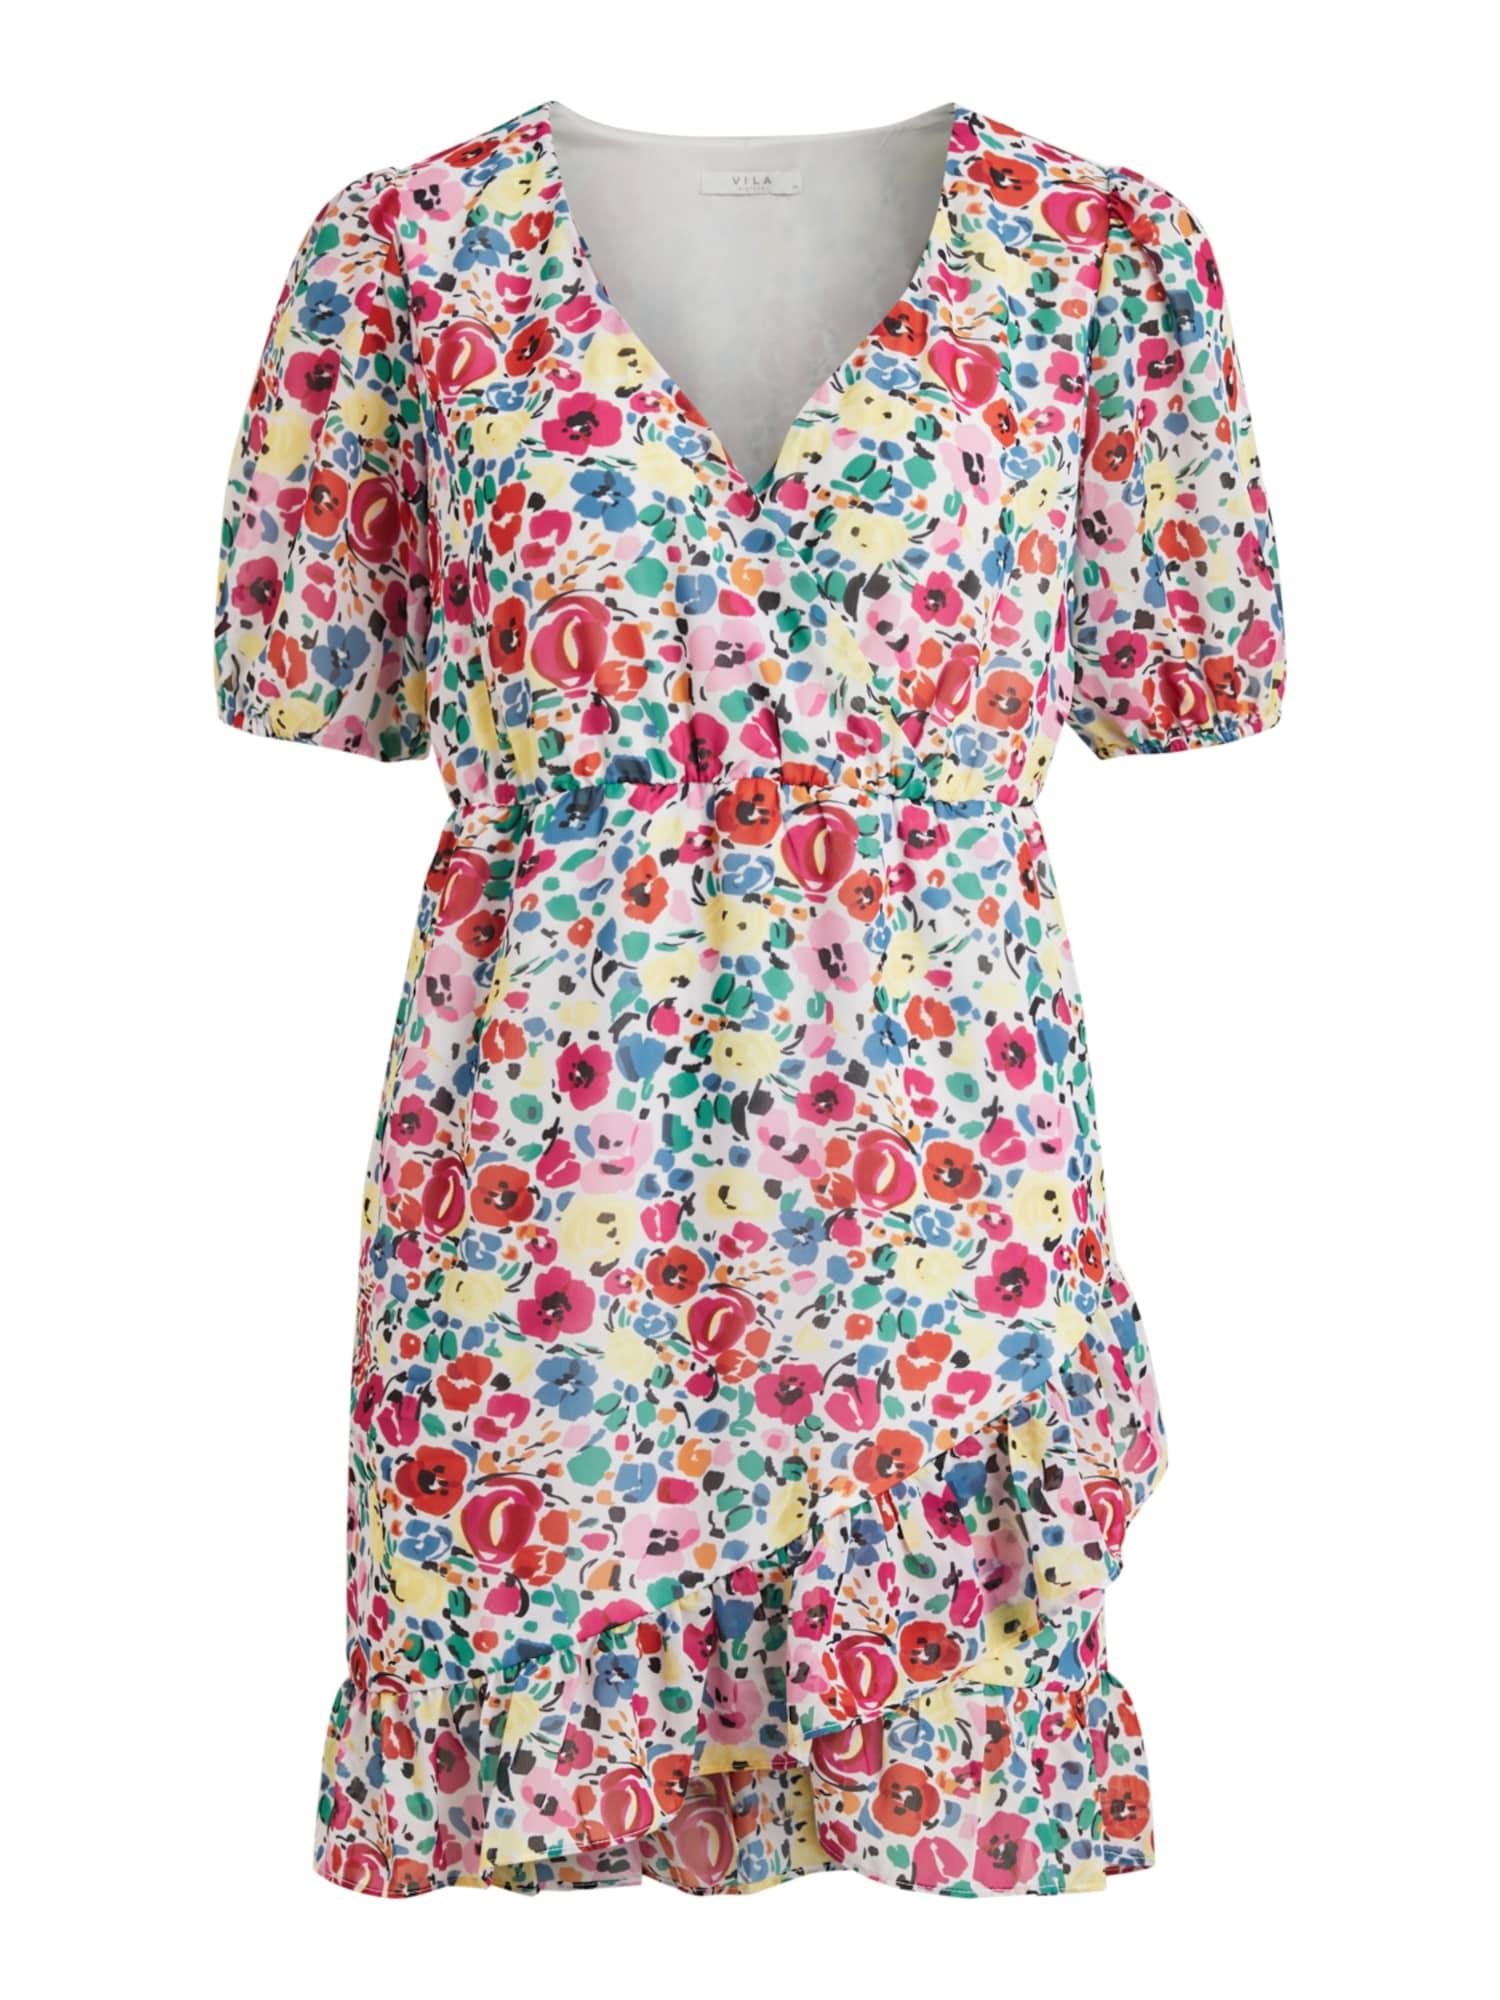 VILA Letní šaty 'Medow'  bílá / mix barev